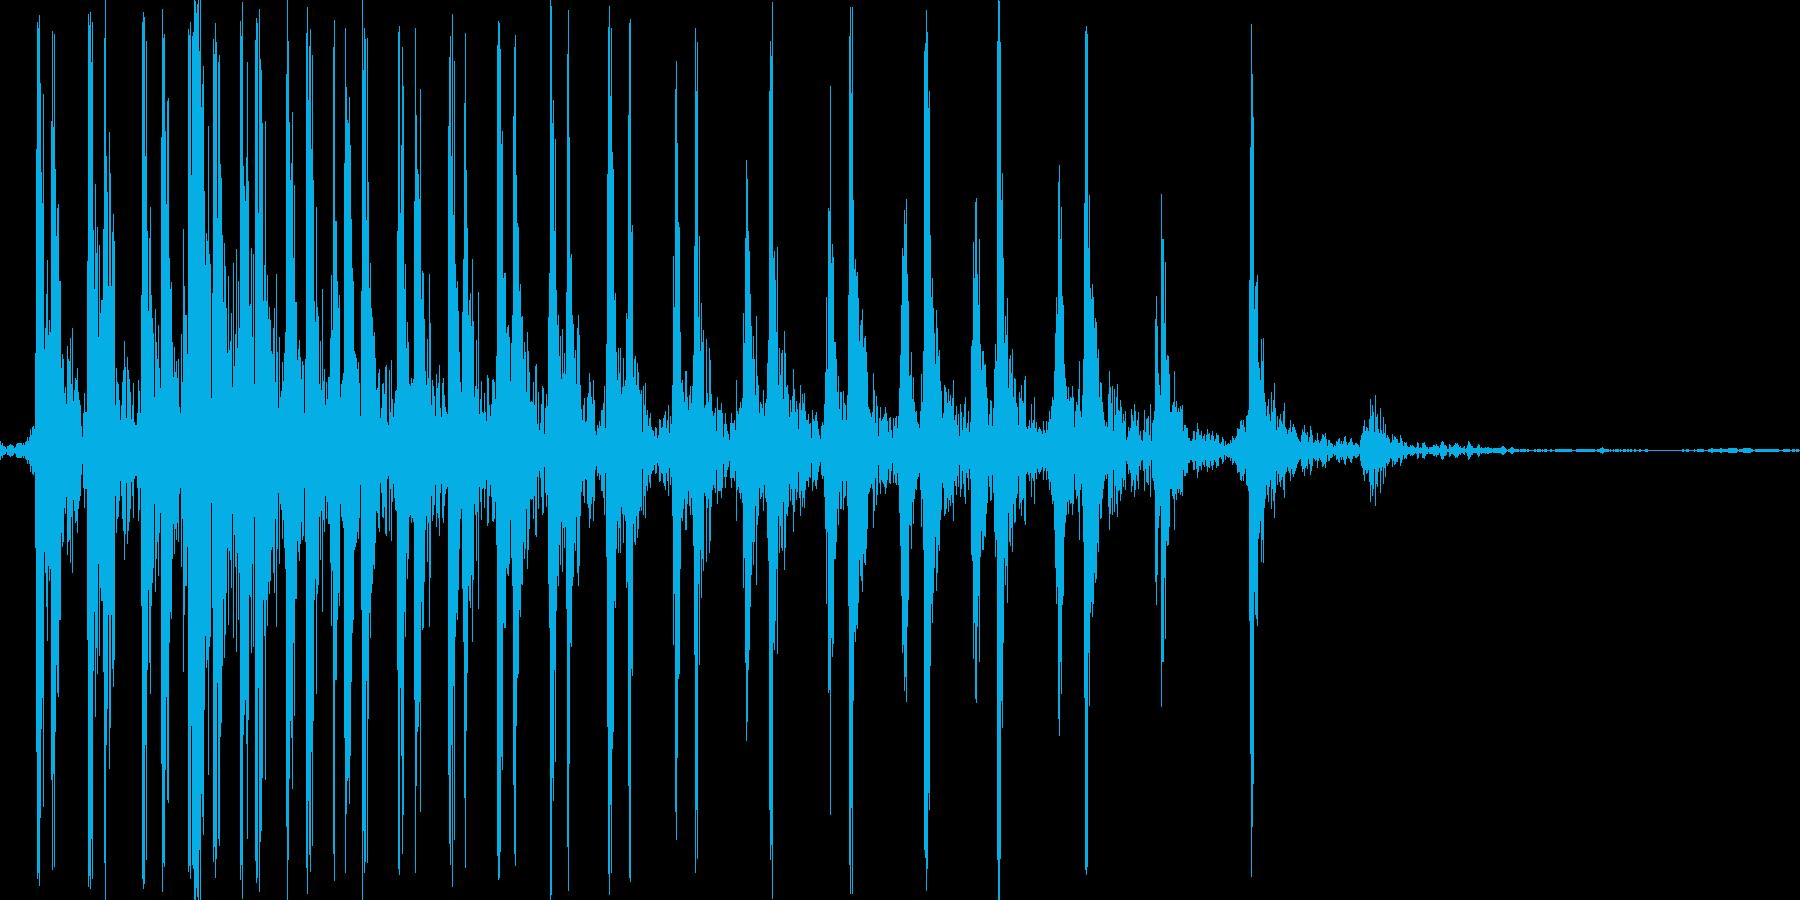 ギー。ゼンマイを巻く音の再生済みの波形